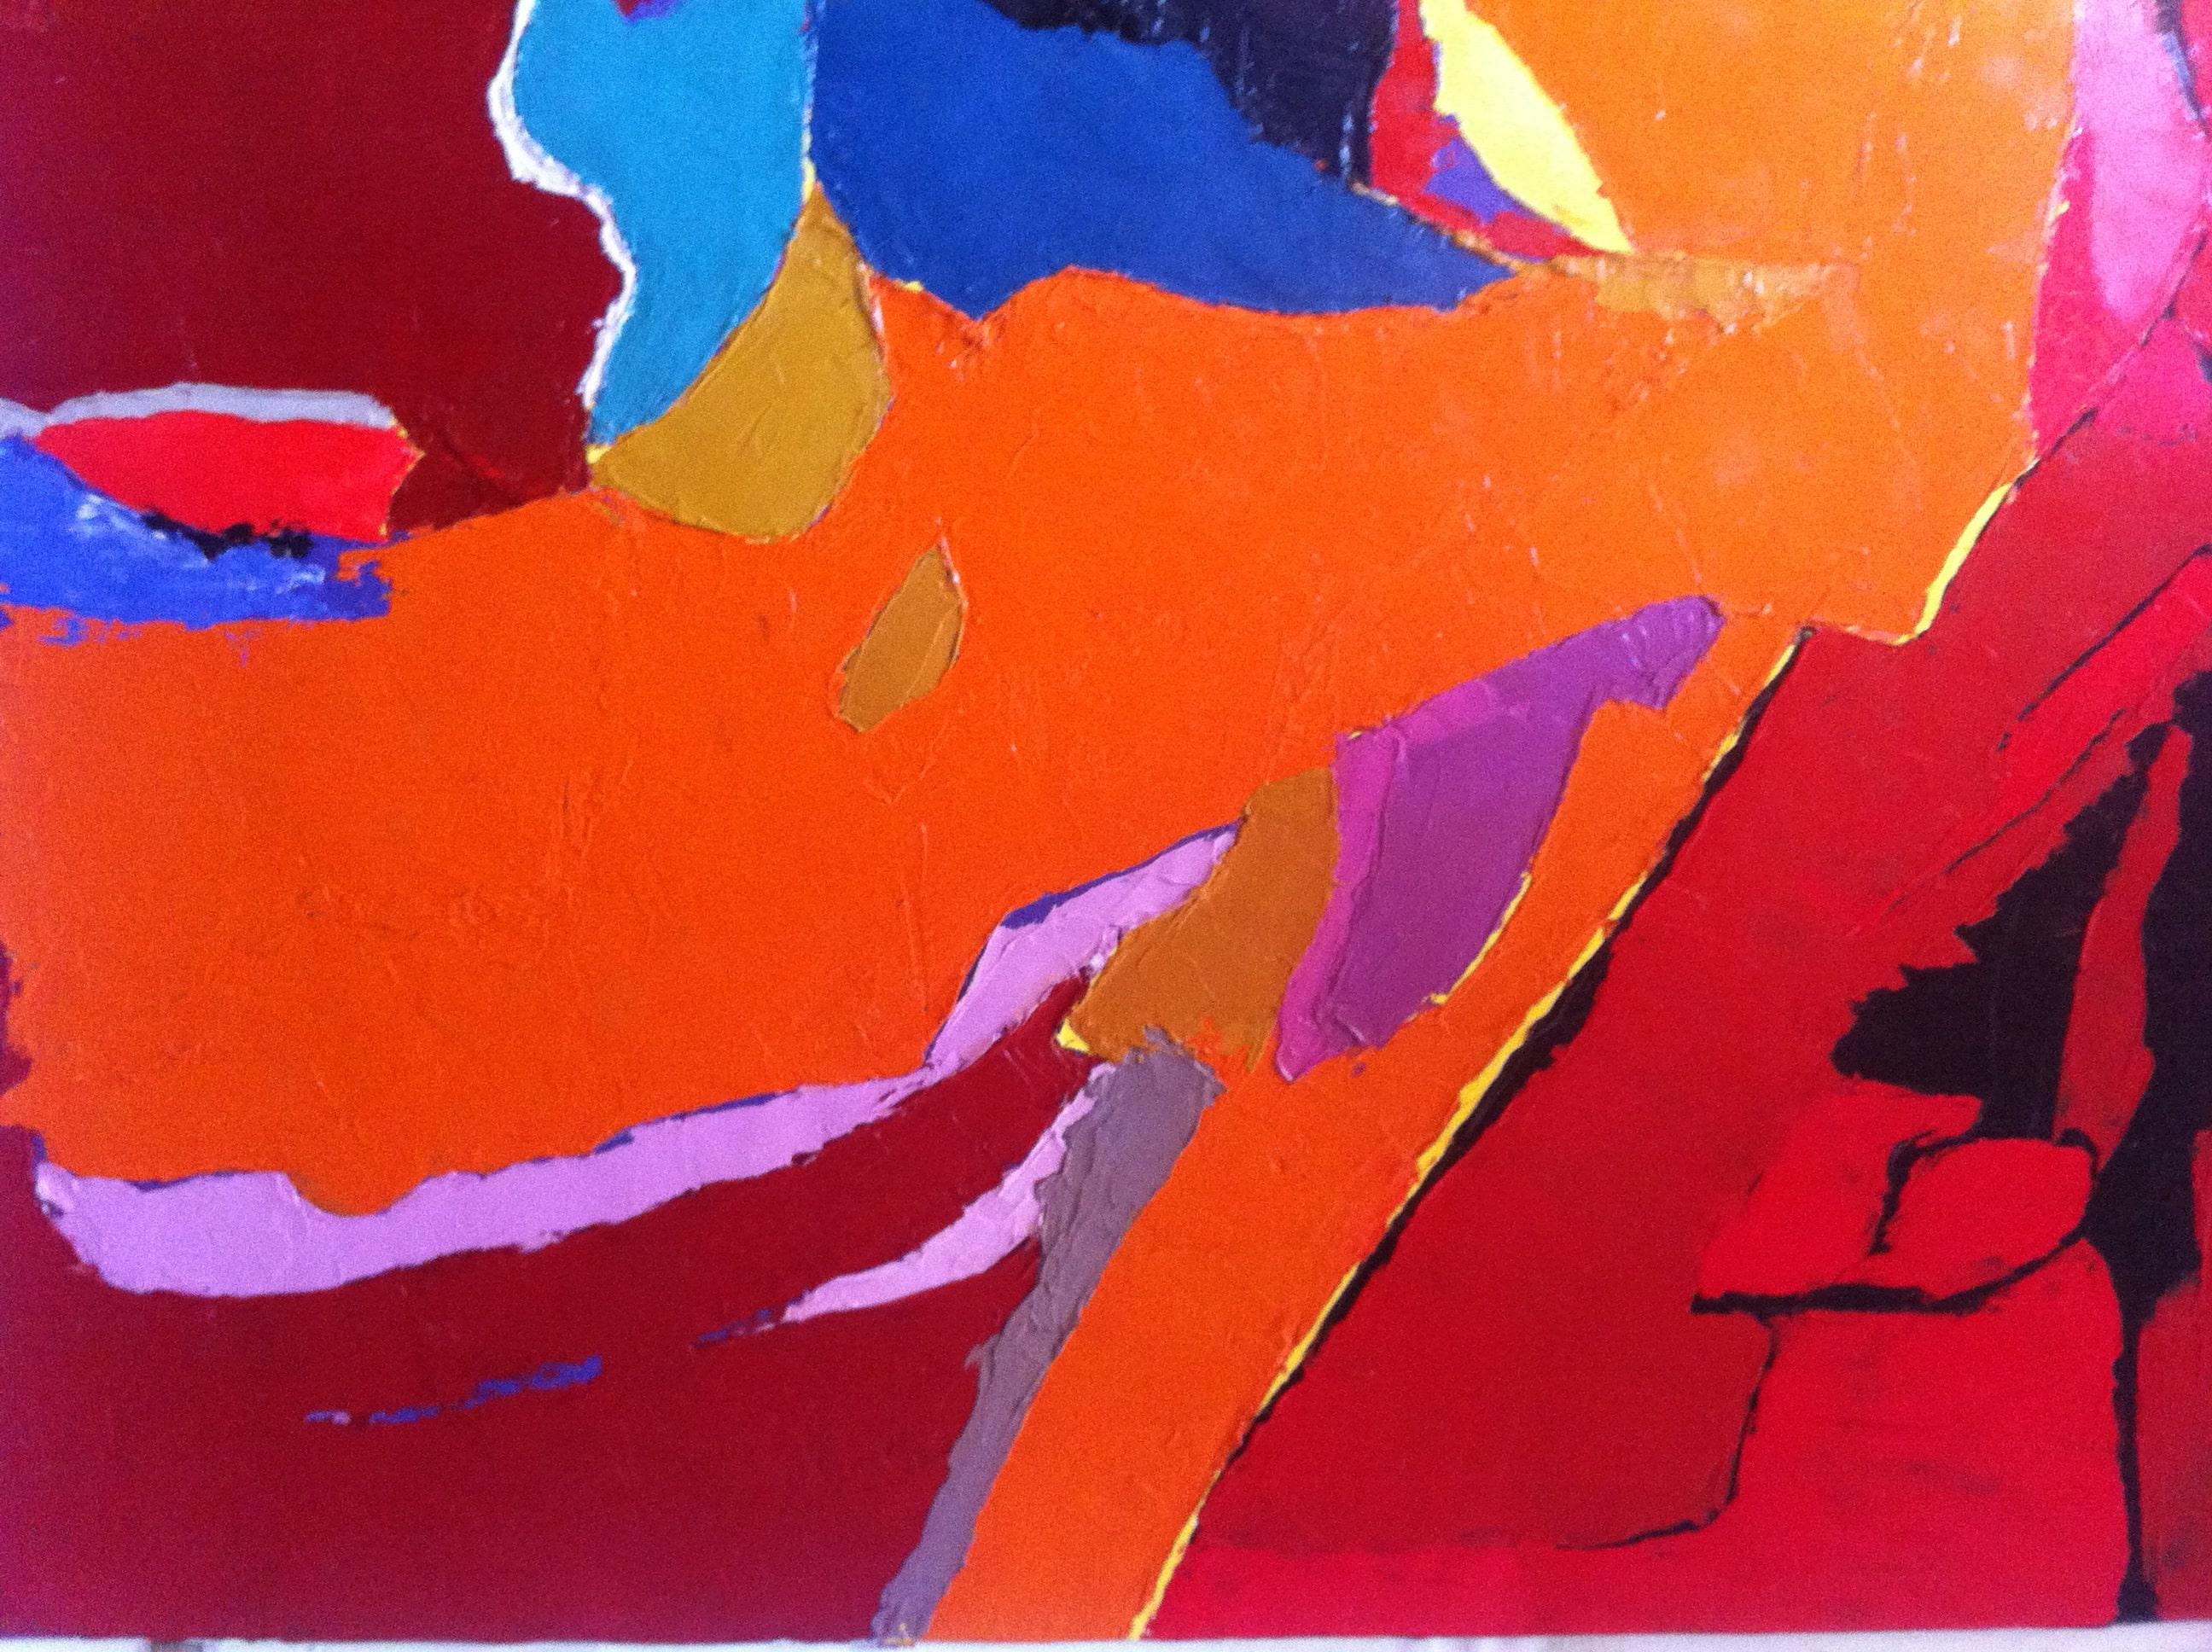 Hôtes et artistes en poitou - Couleurs de Staël I, couteau sur toile